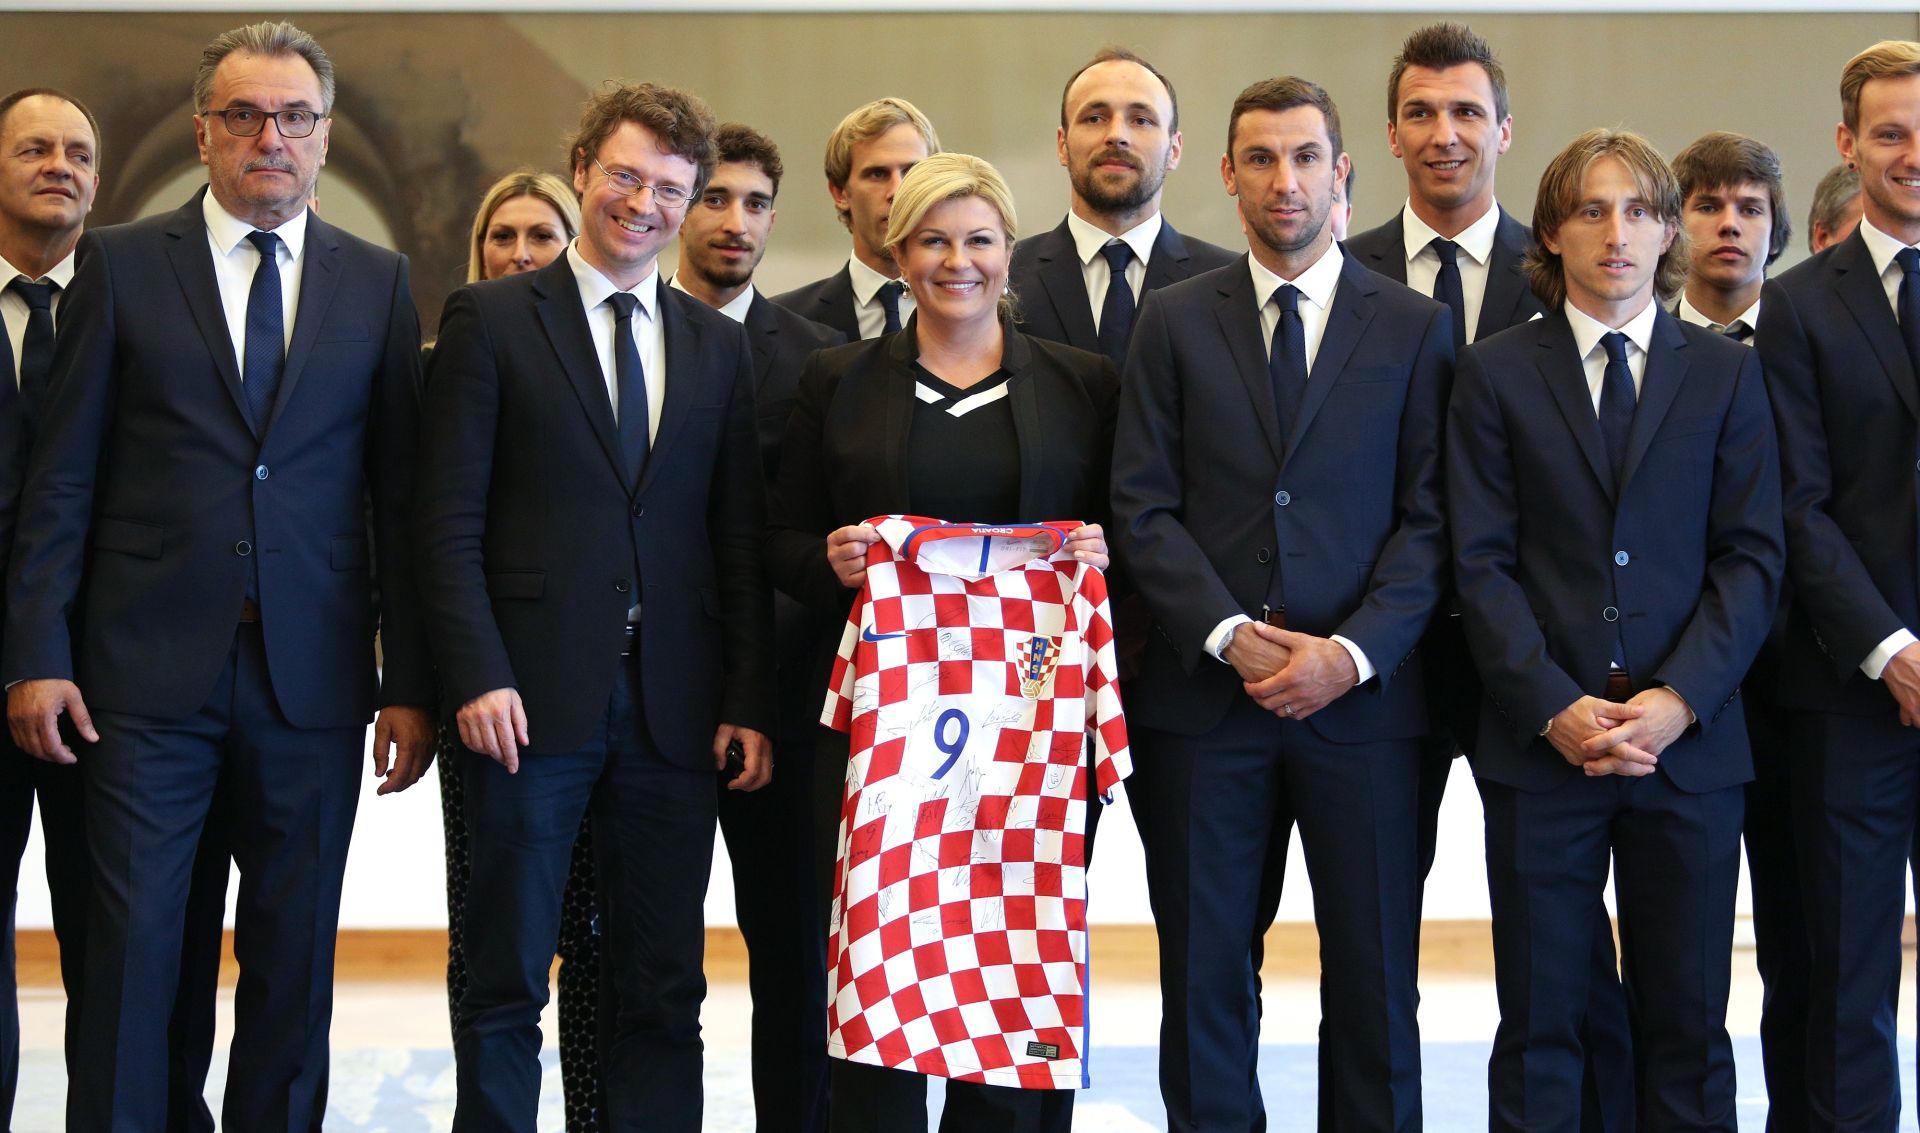 """Hrvatski nogometni reprezentativci kod predsjednice: """"Ne osjećate pritisak nego igrajte sa srcem"""""""